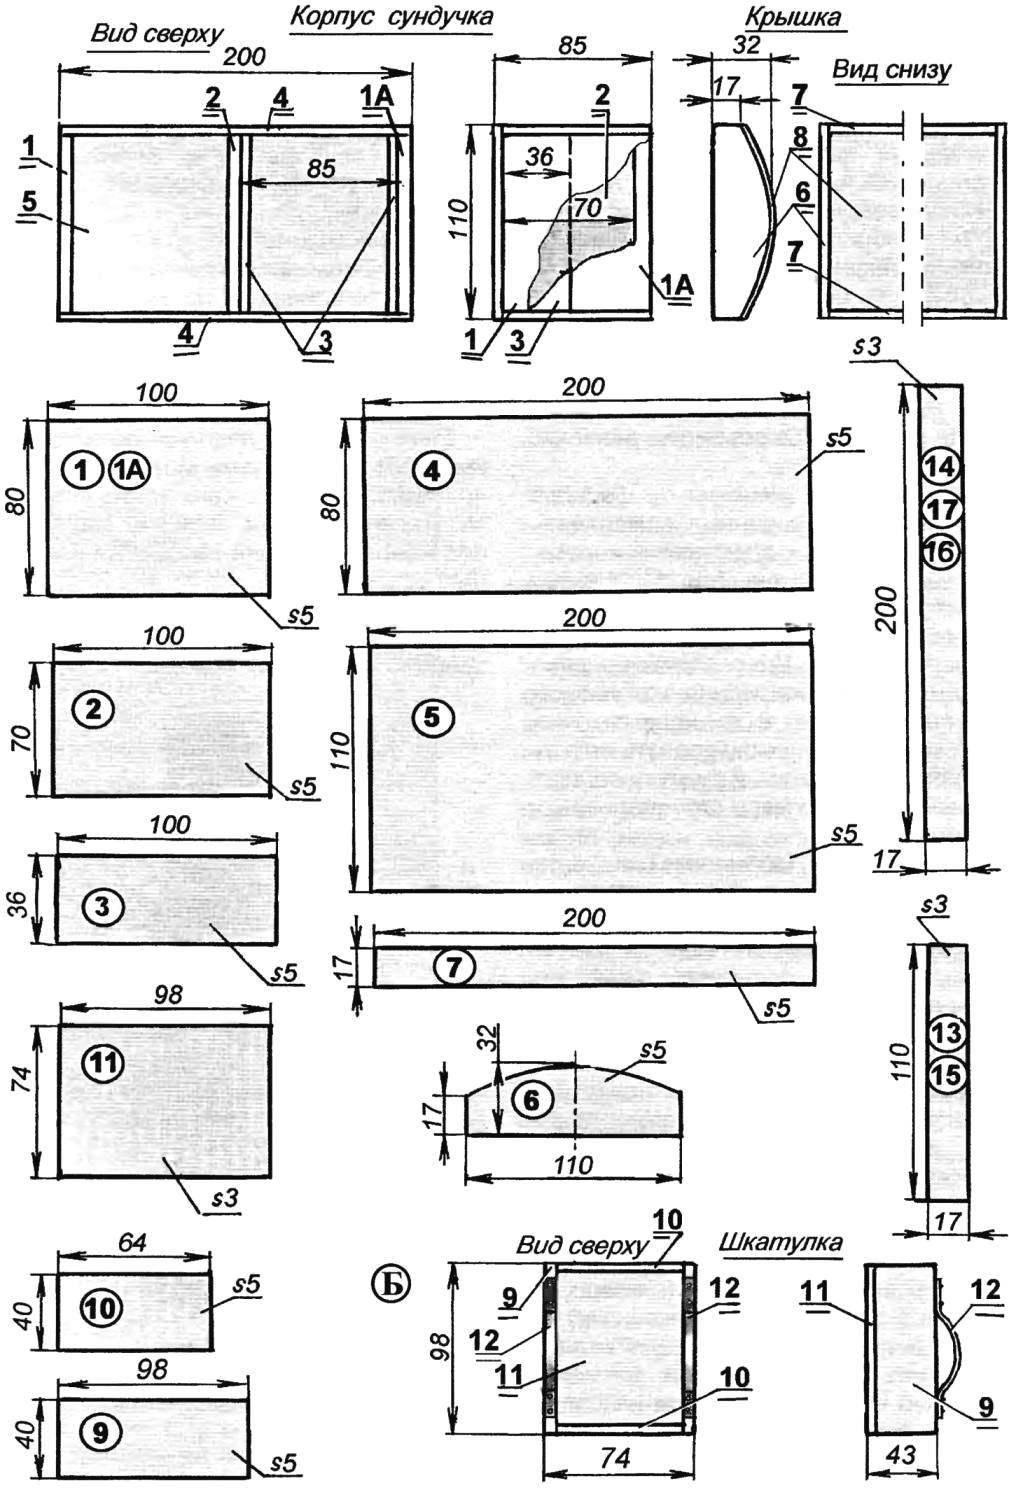 Рис. 1. Декоративный «сейф»-сундучок (А) и вкладная шкатулка (Б)